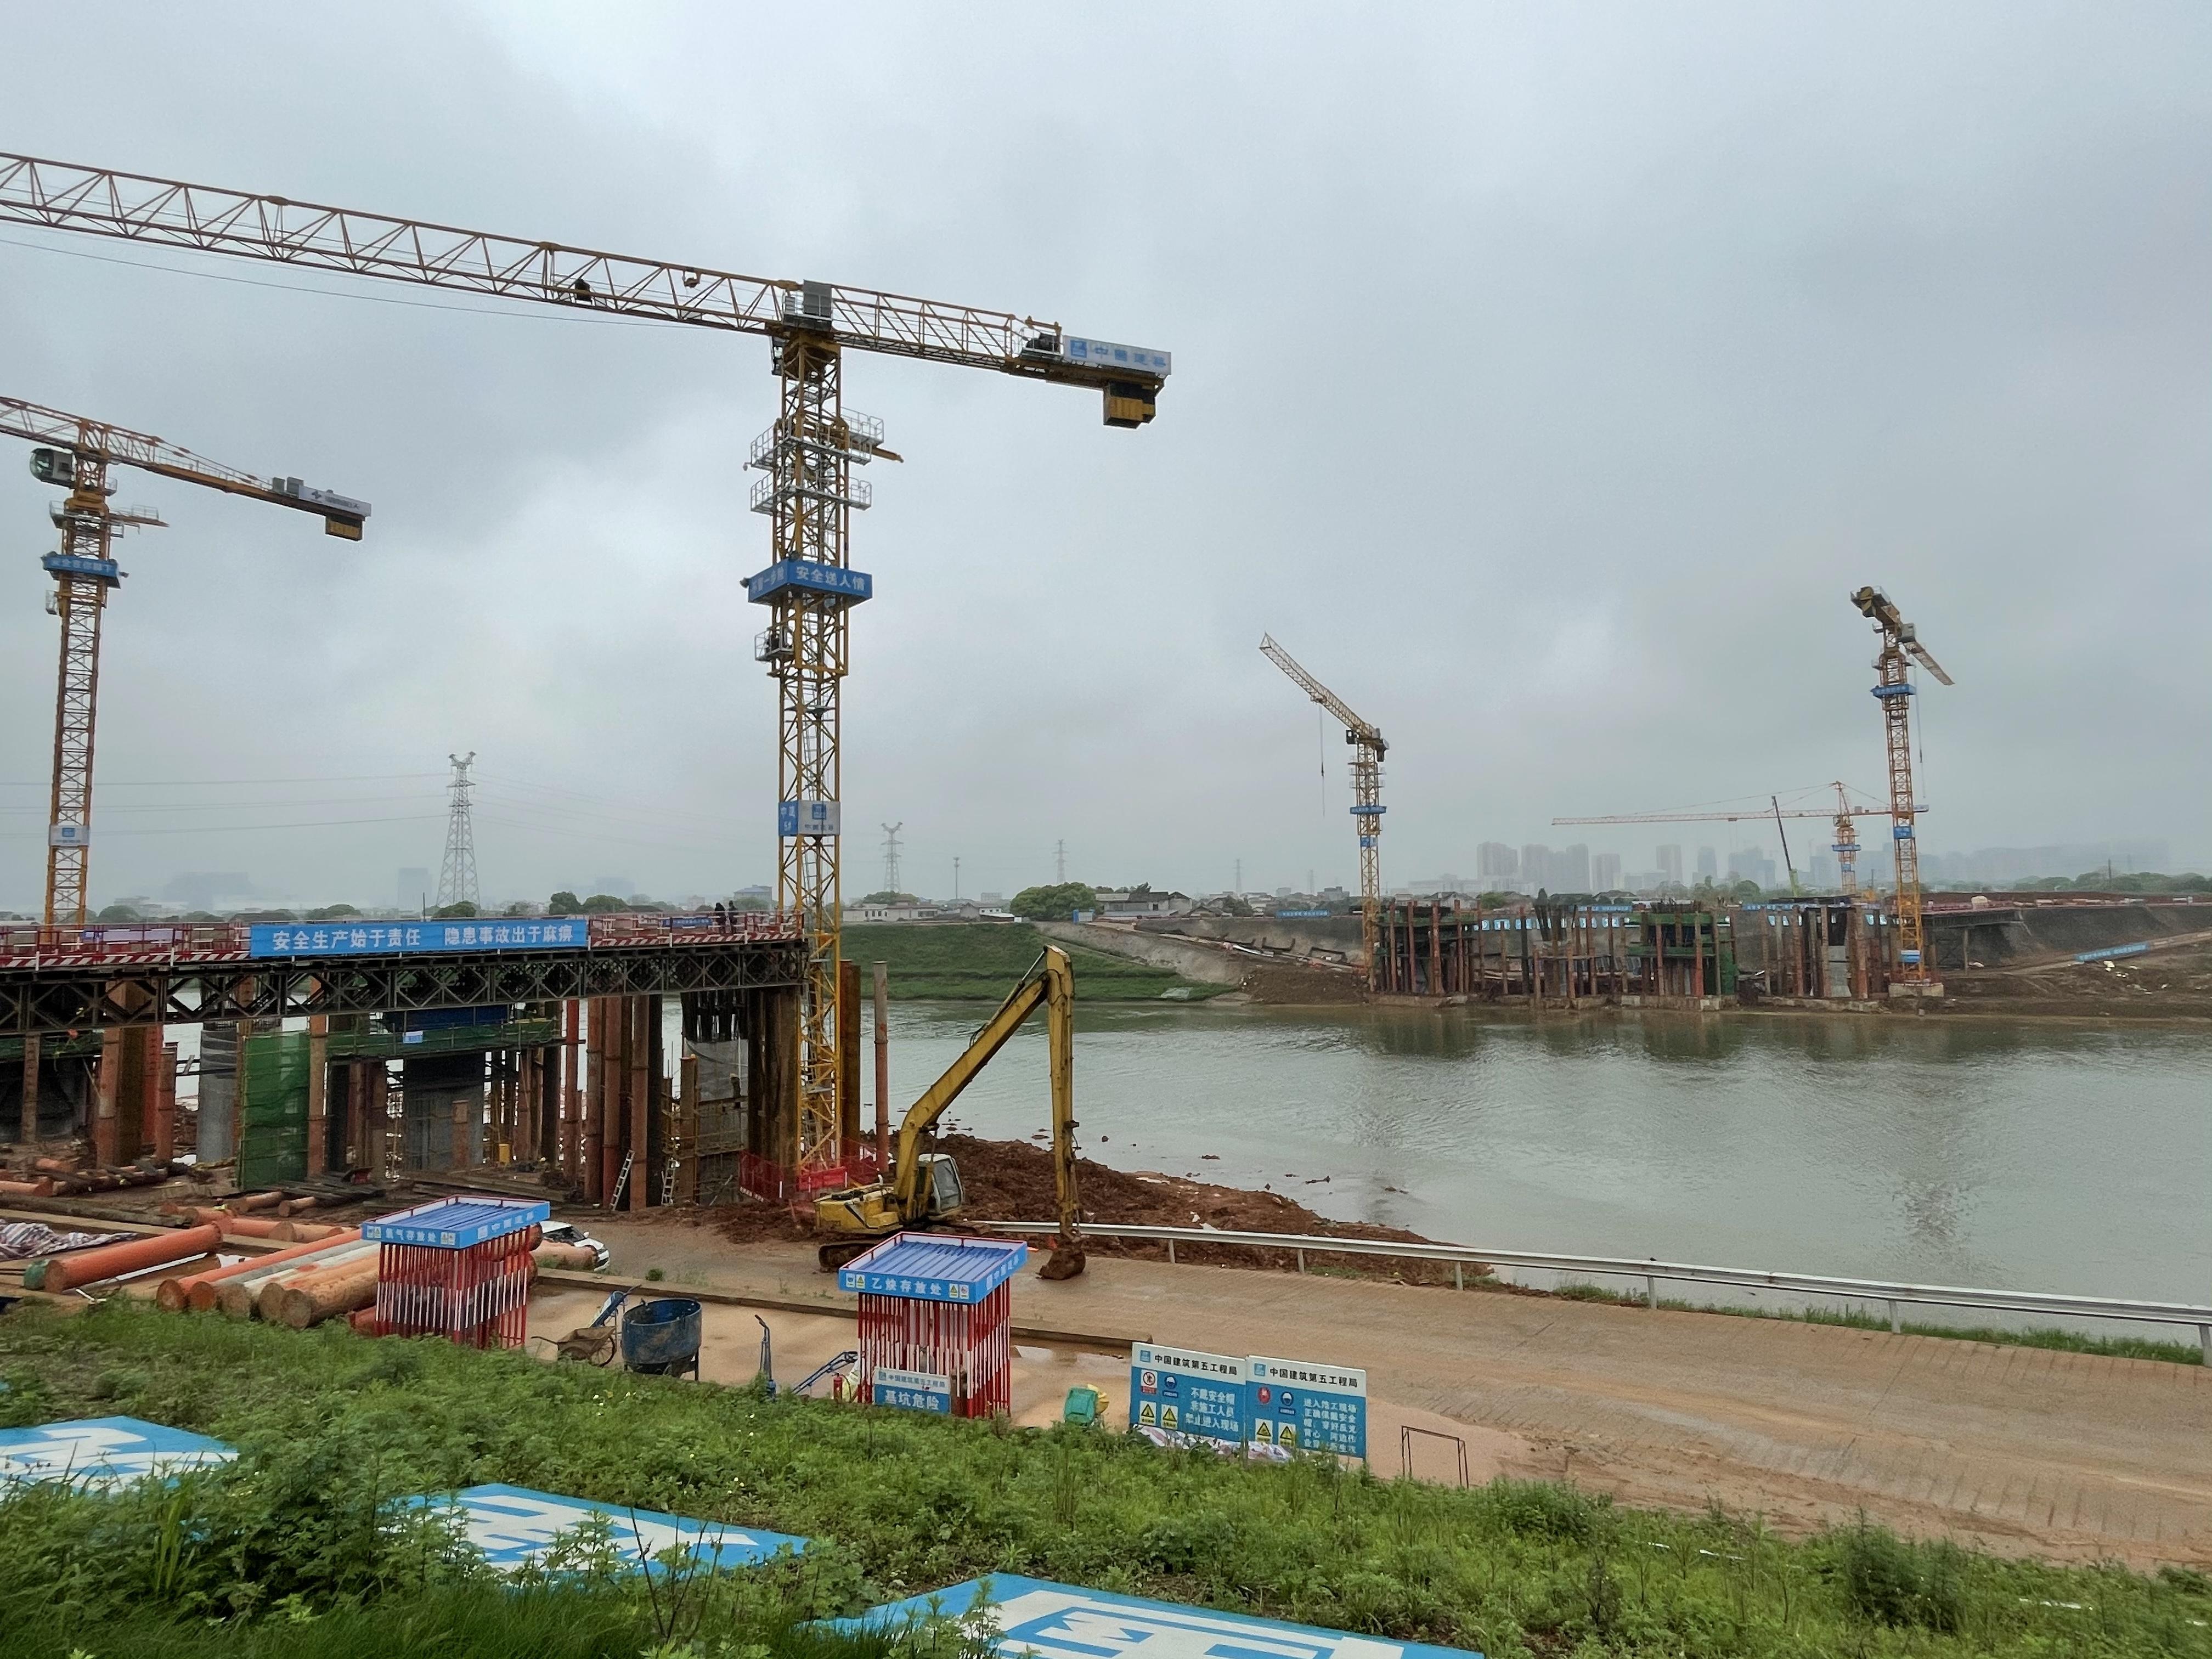 位于高铁会展片区的湘府东路跨浏阳河大桥日前完成跨浏阳河涉水桥墩施工。